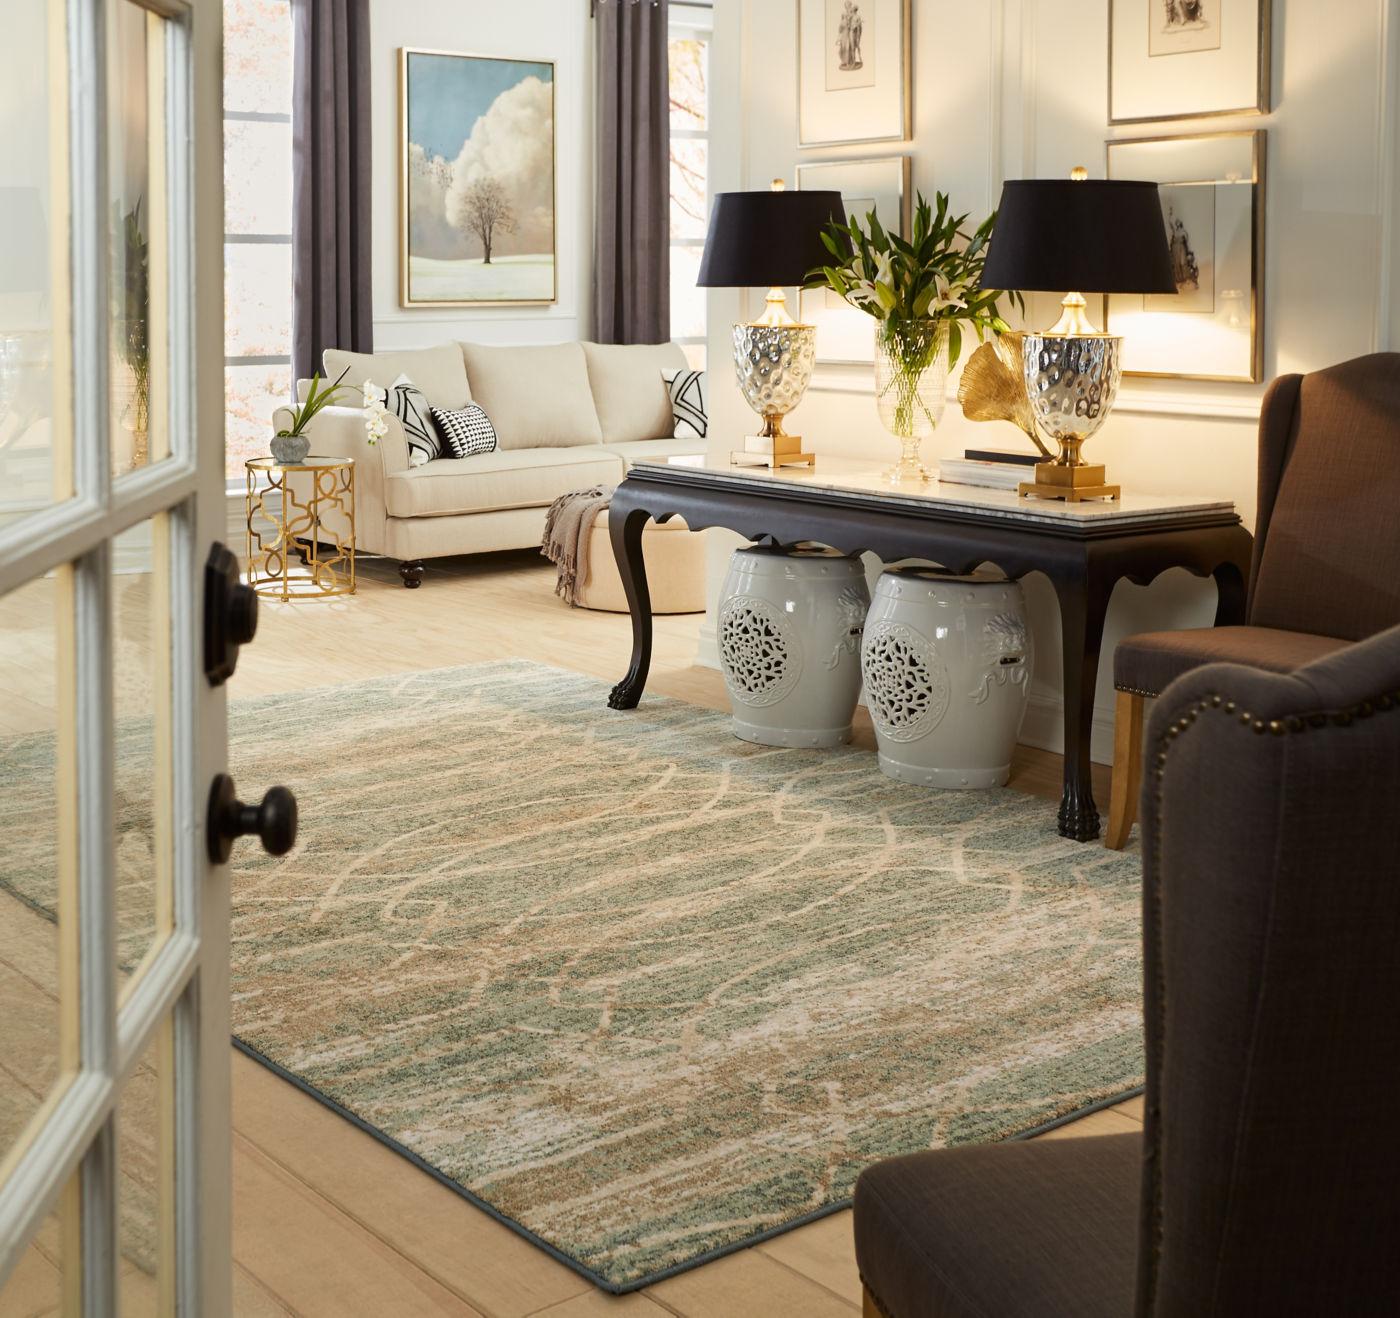 Karastan area rug | Dolphin Carpet & Tile